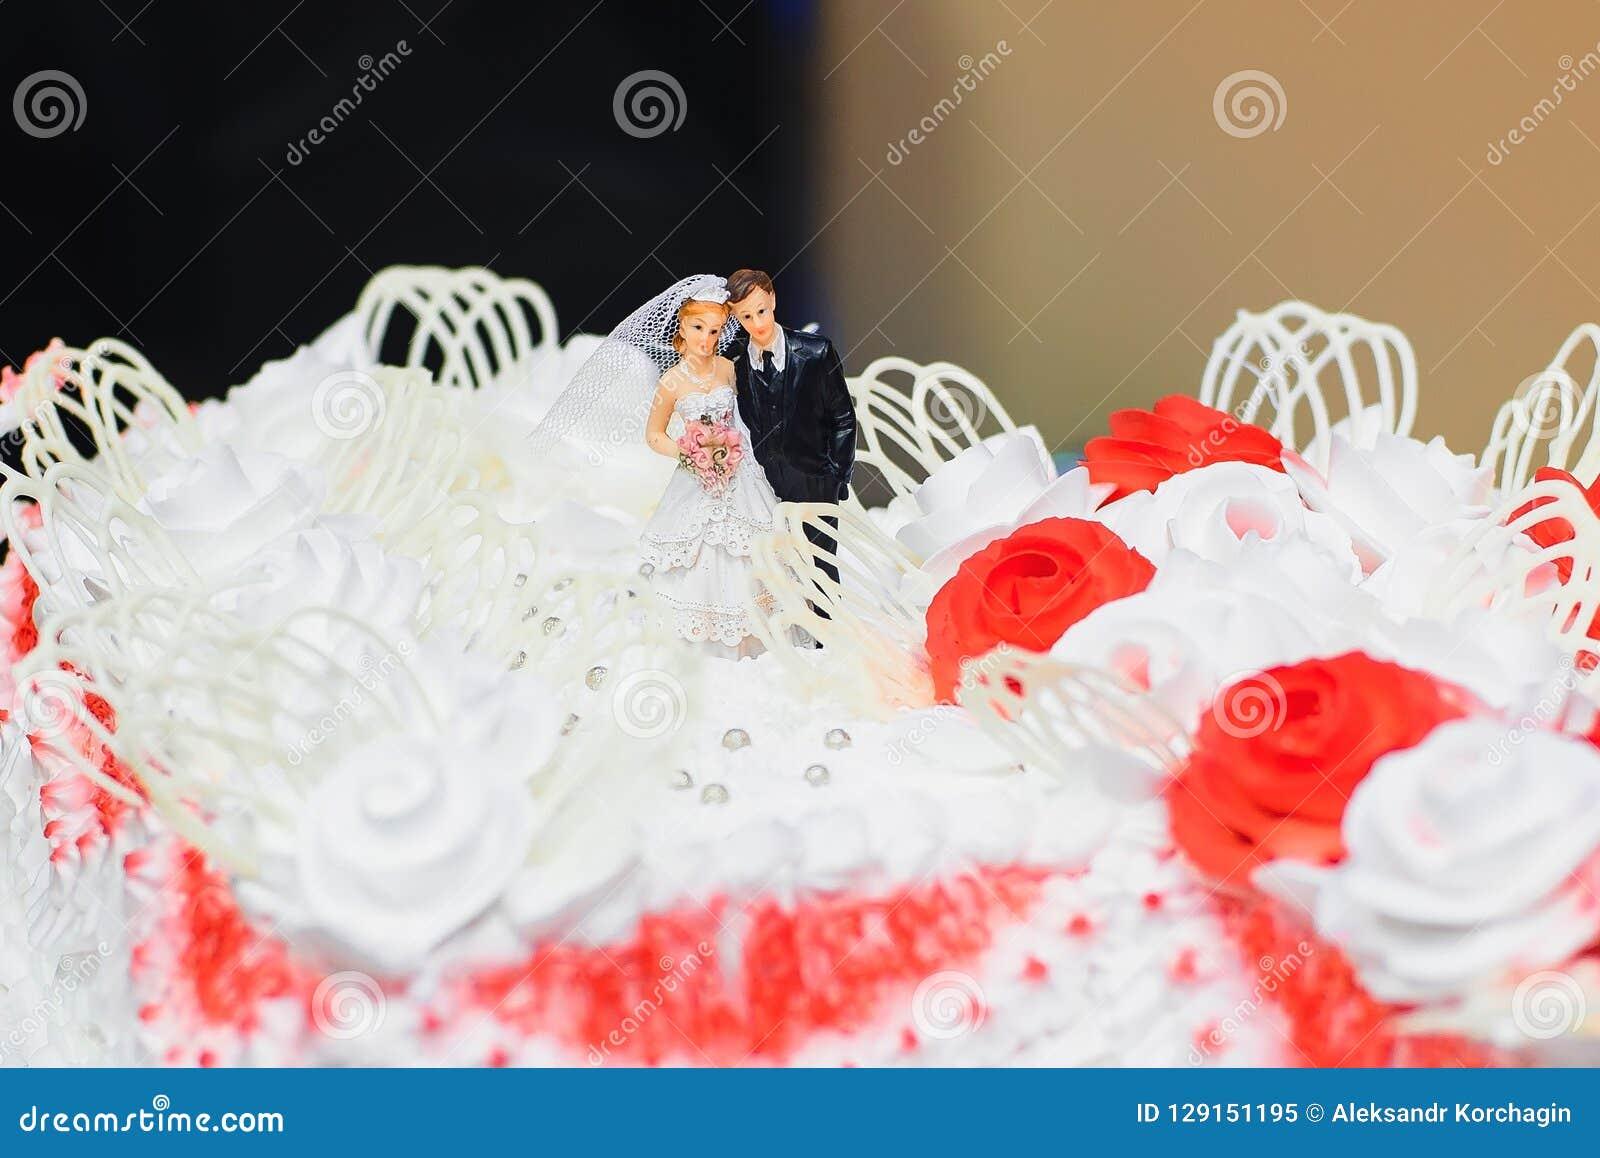 Creme Blanche De Gateau De Mariage Decoree Des Roses Rouges